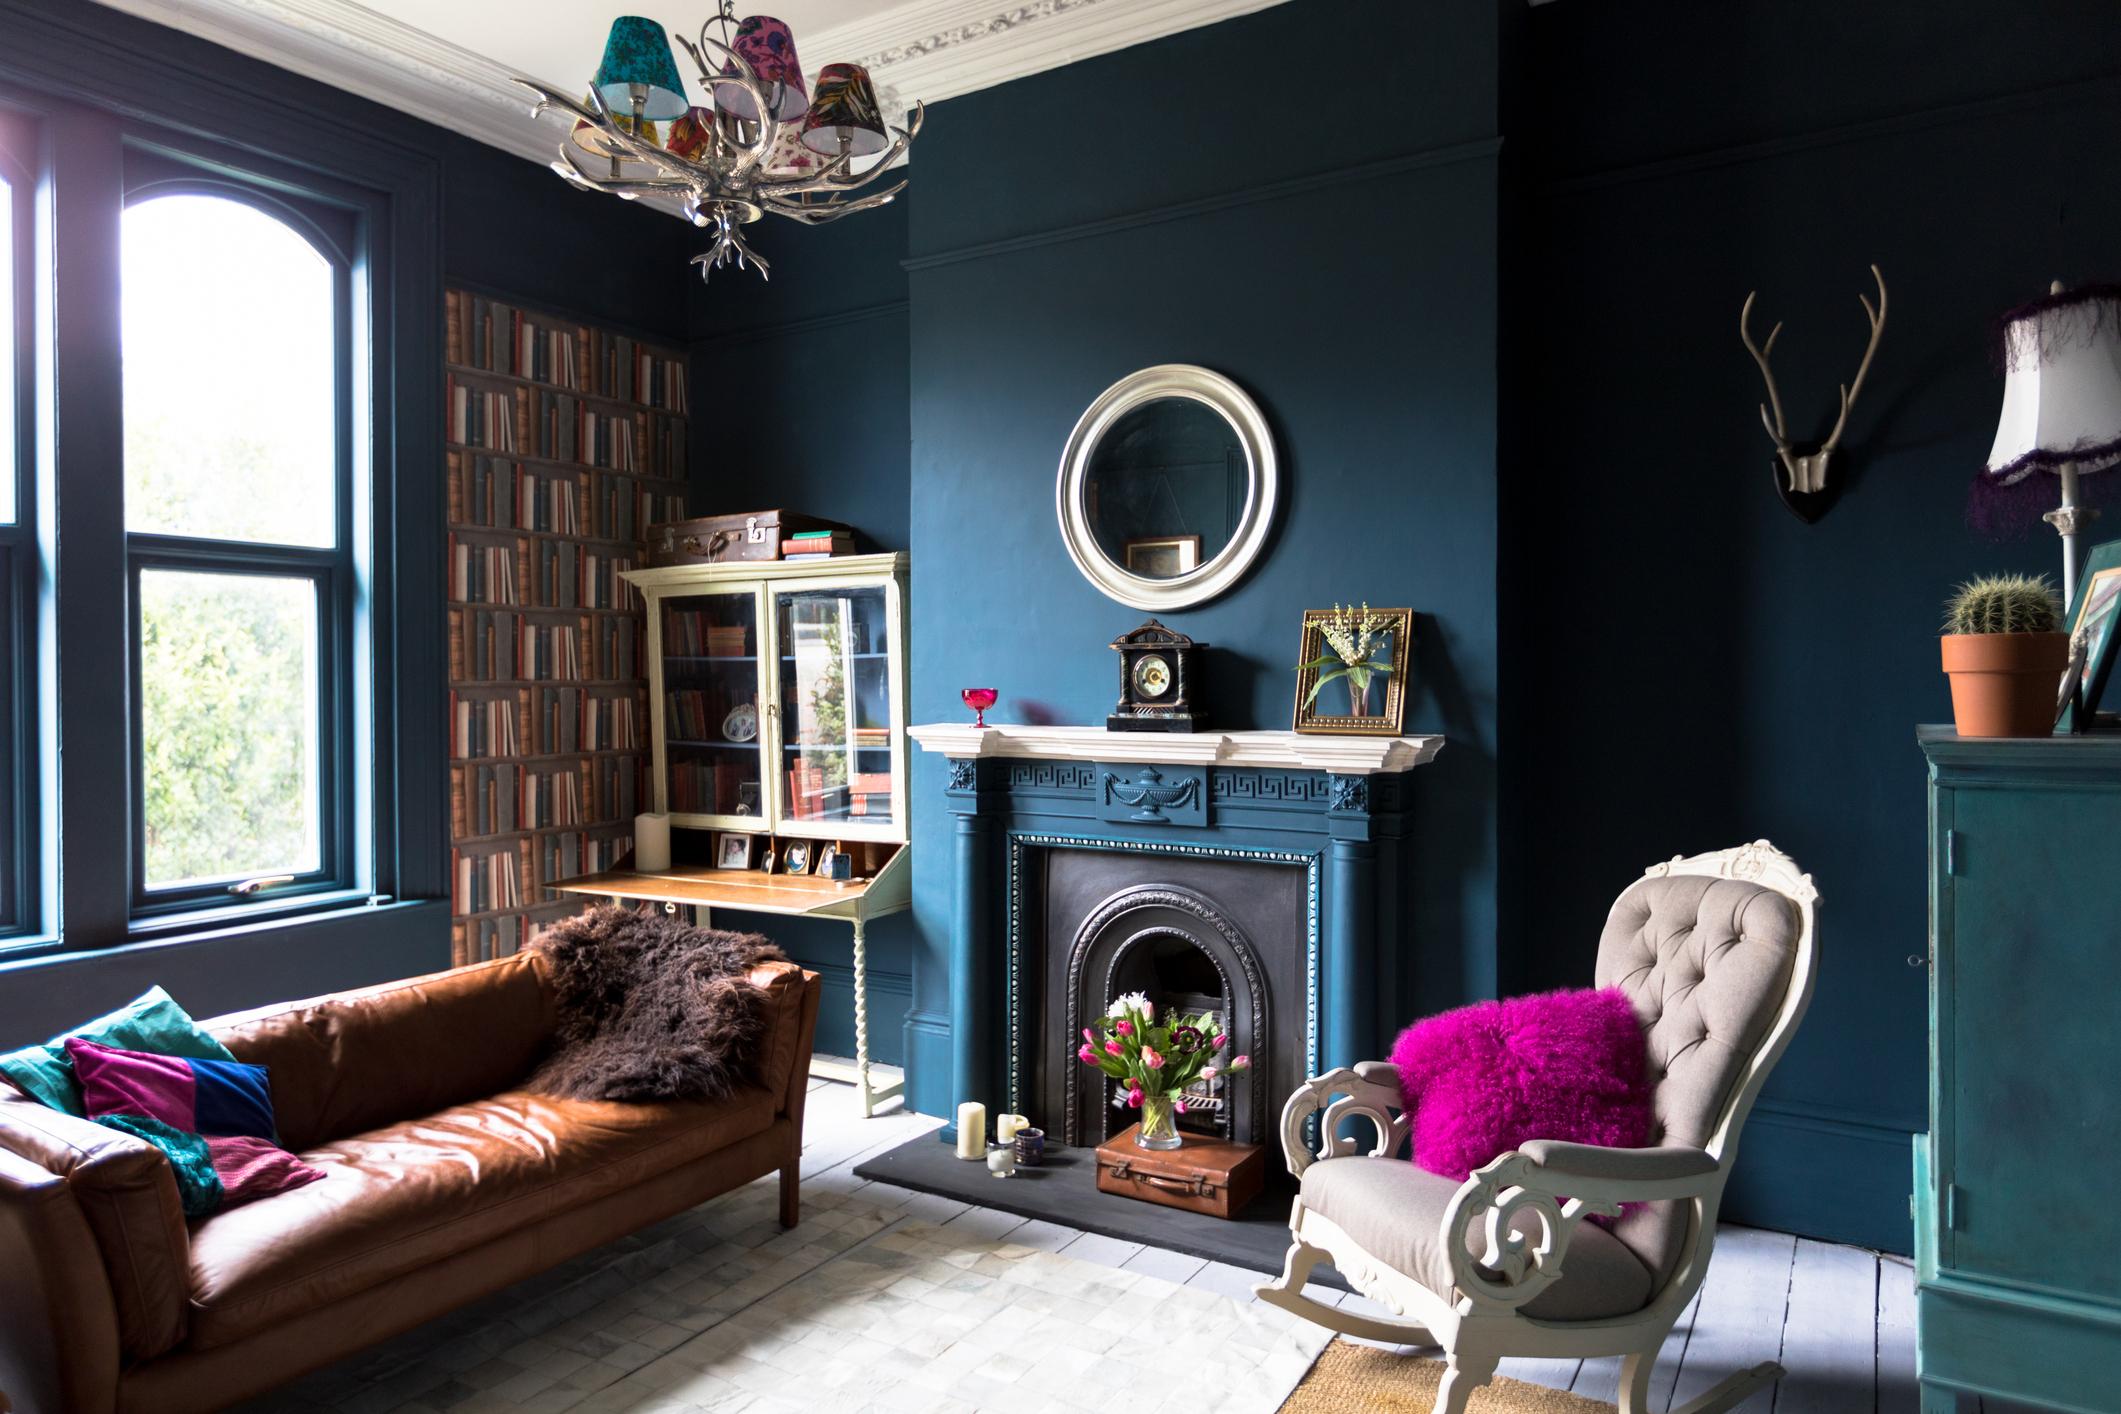 <p>Не прекалявайте с тъмните цветове и декорации - всяка стая, в която преобладават тъмните цветове, винаги изглежда по-мръсна и неподредена, отколкото е.</p>